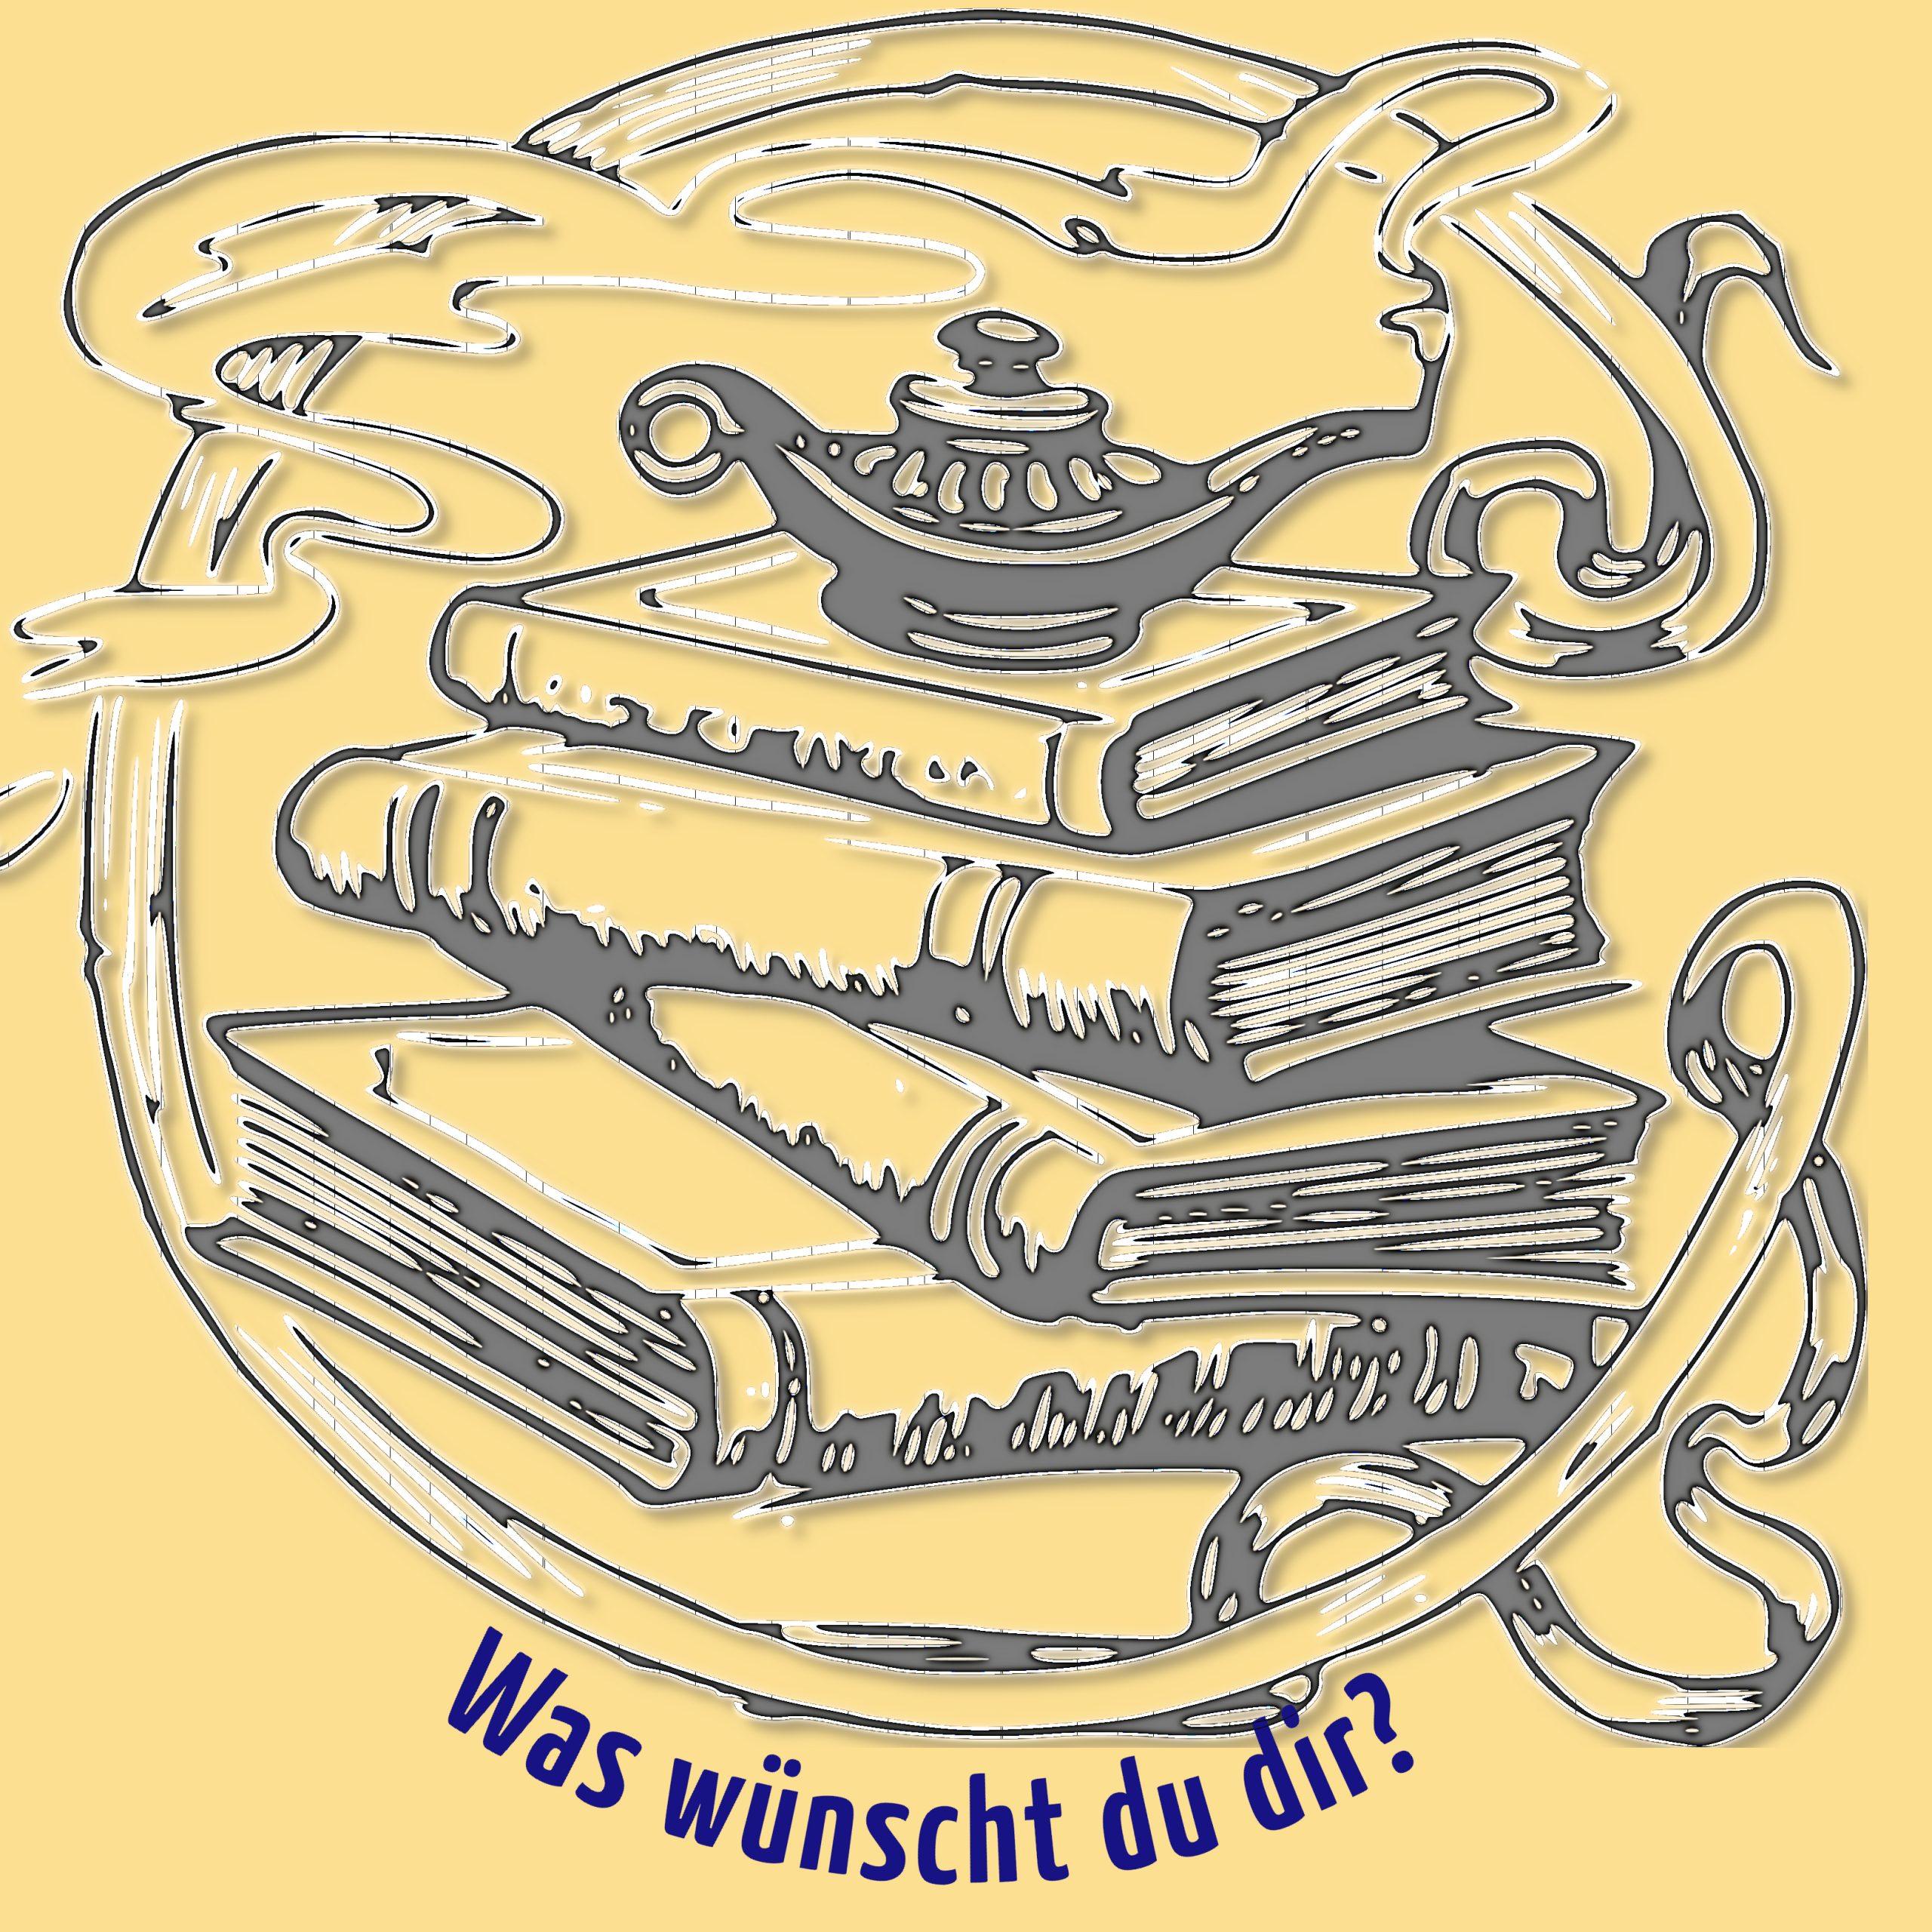 insta-post-was-wuenscht-du-dir